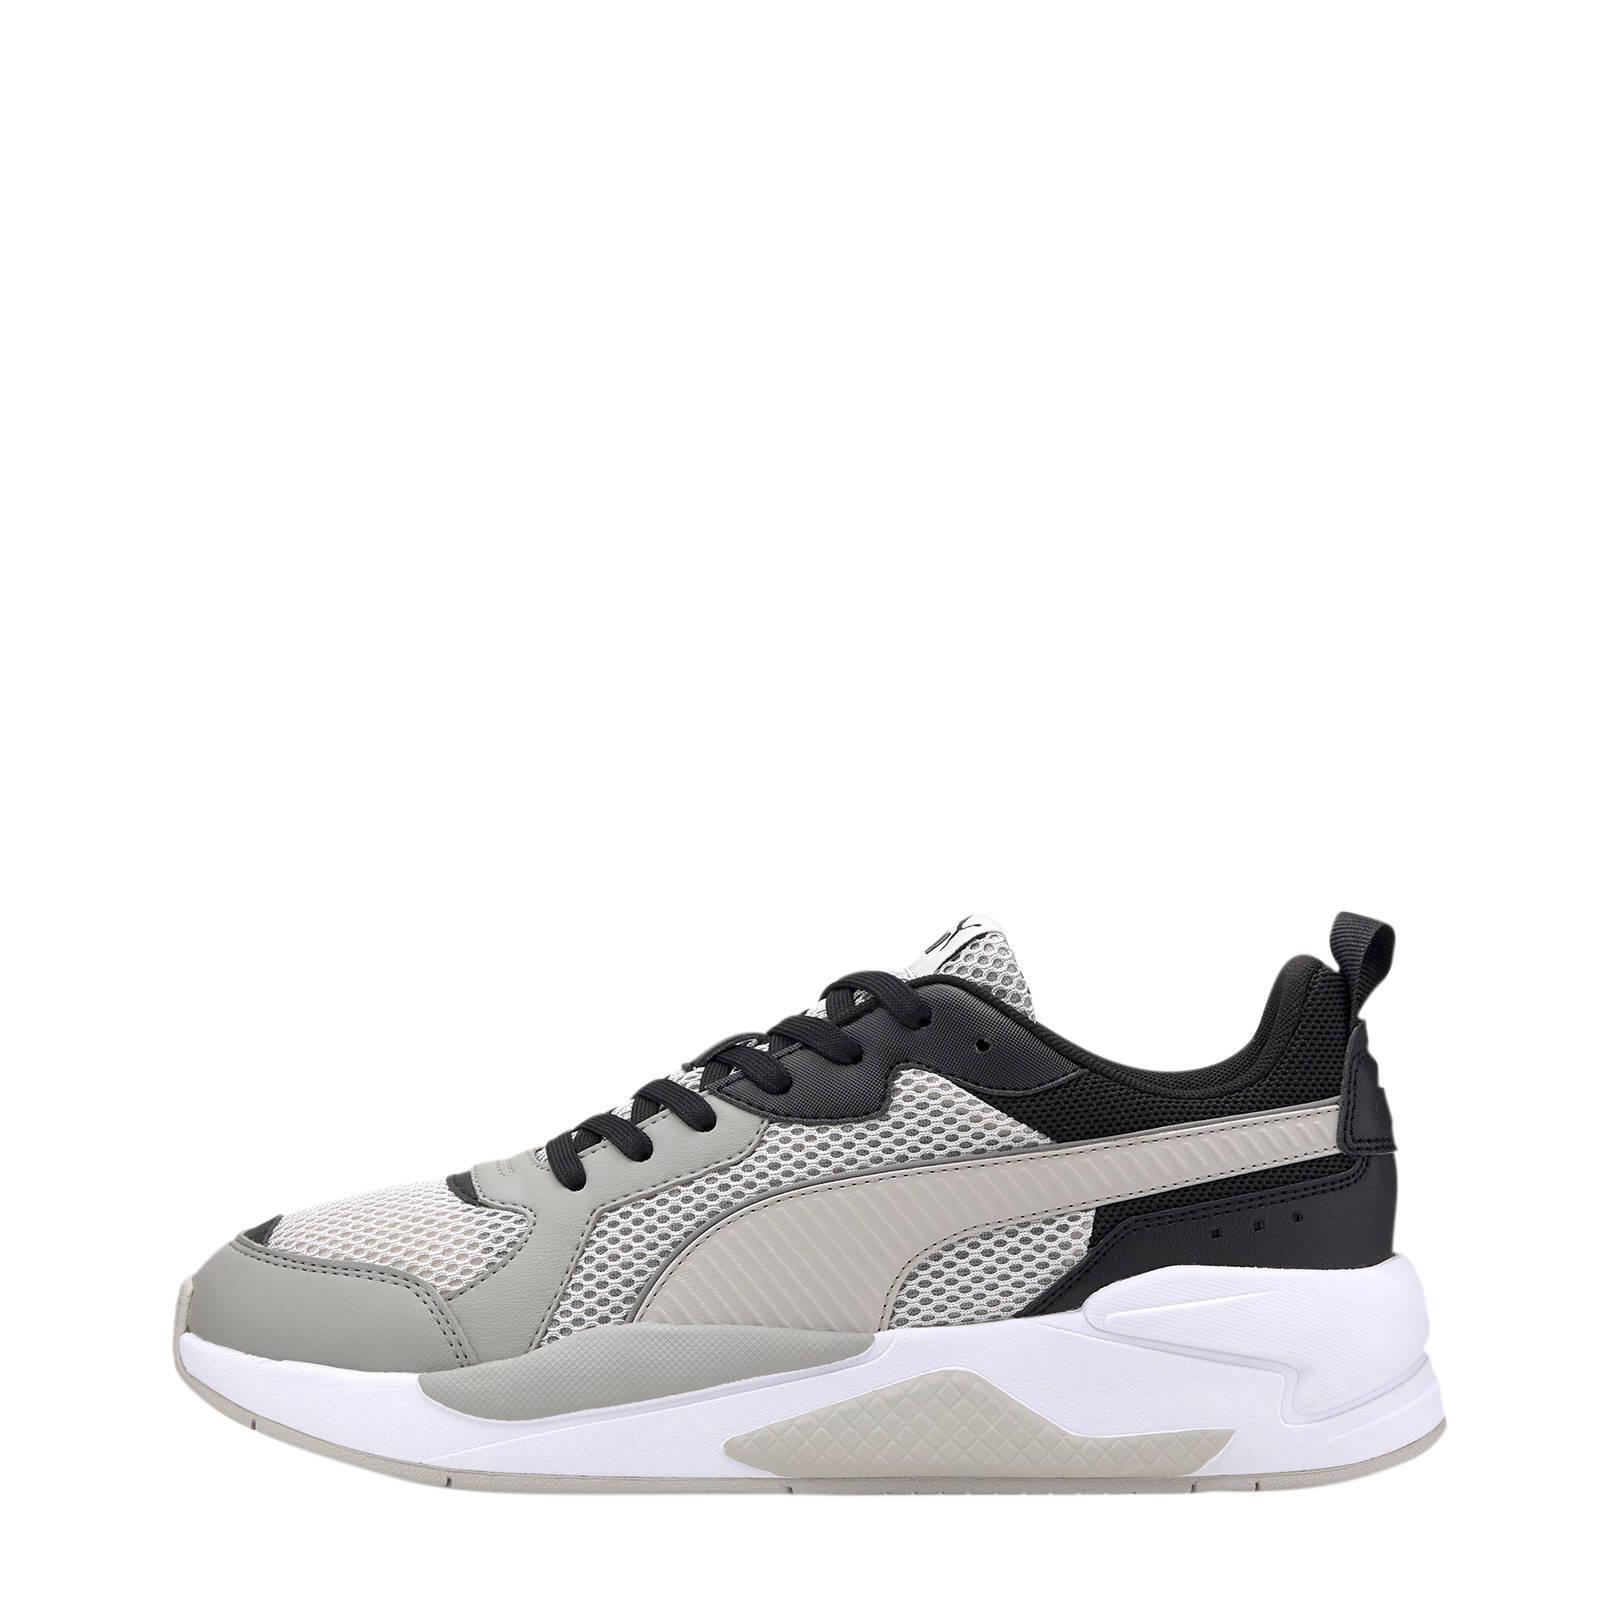 Puma X-Ray Glitch sneakers grijs/zwart   wehkamp